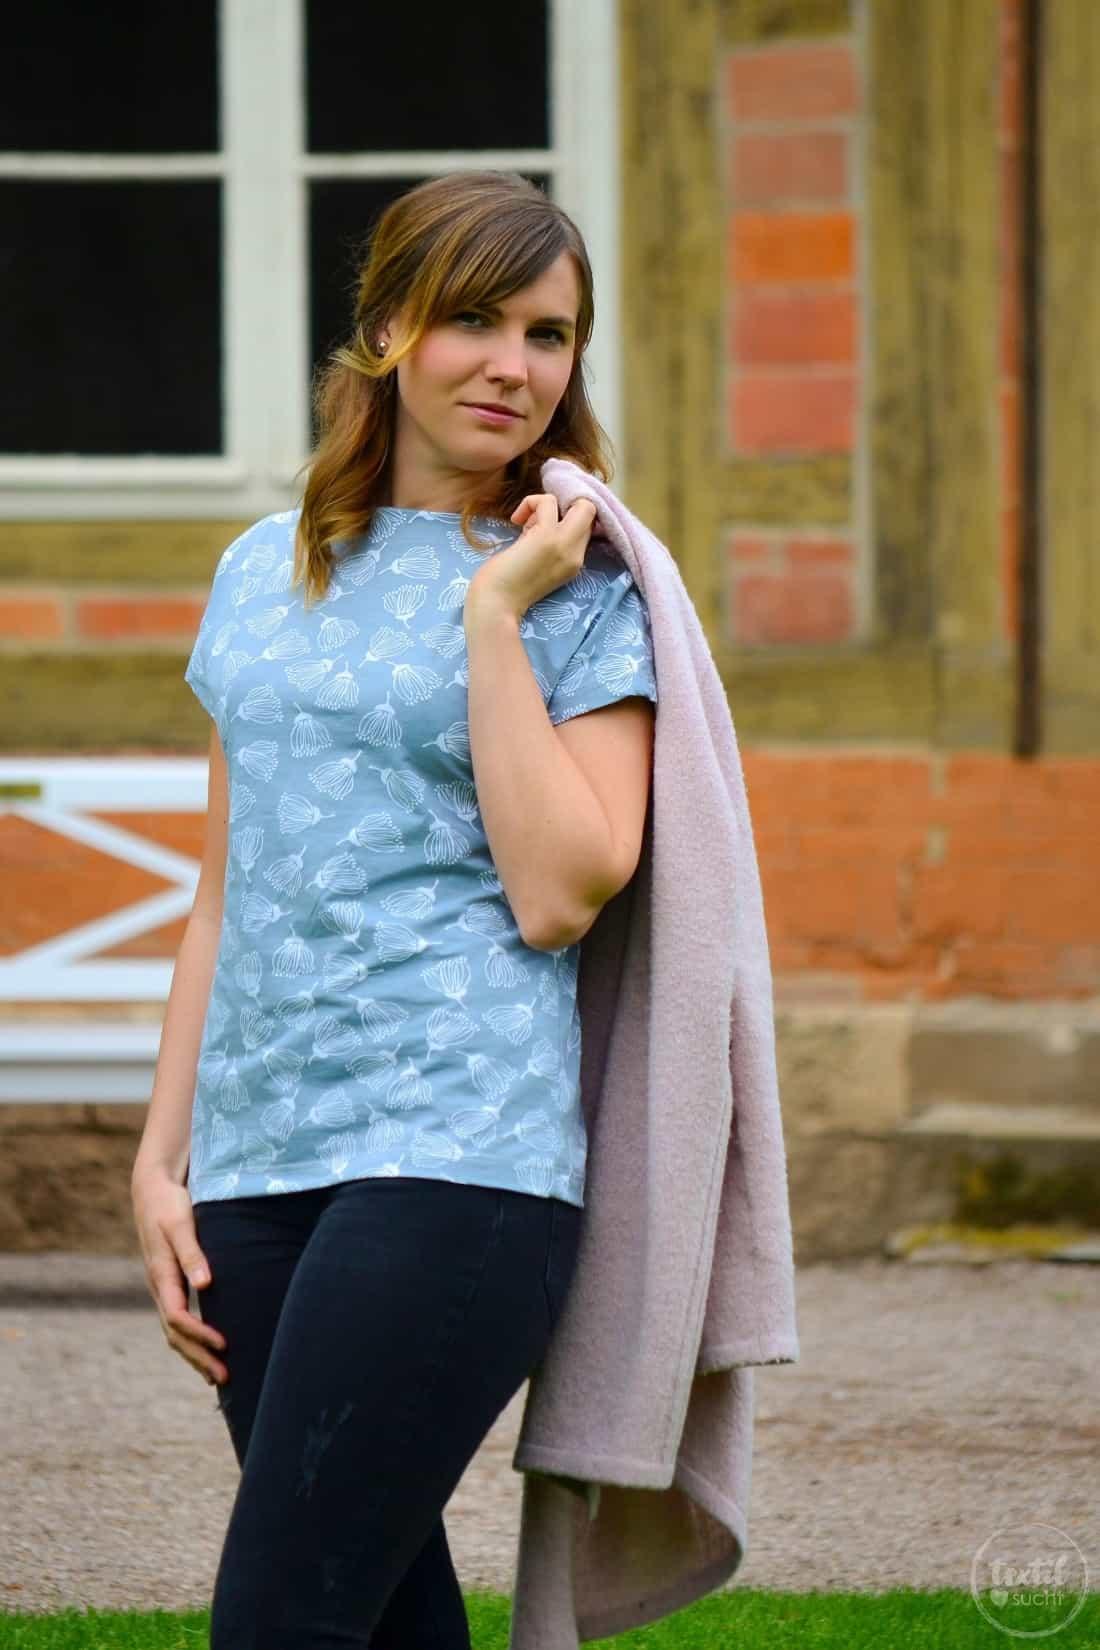 Schnittmuster Shirt Lilla aus FELICIFLORA von raxn - Bild 2 | textilsucht